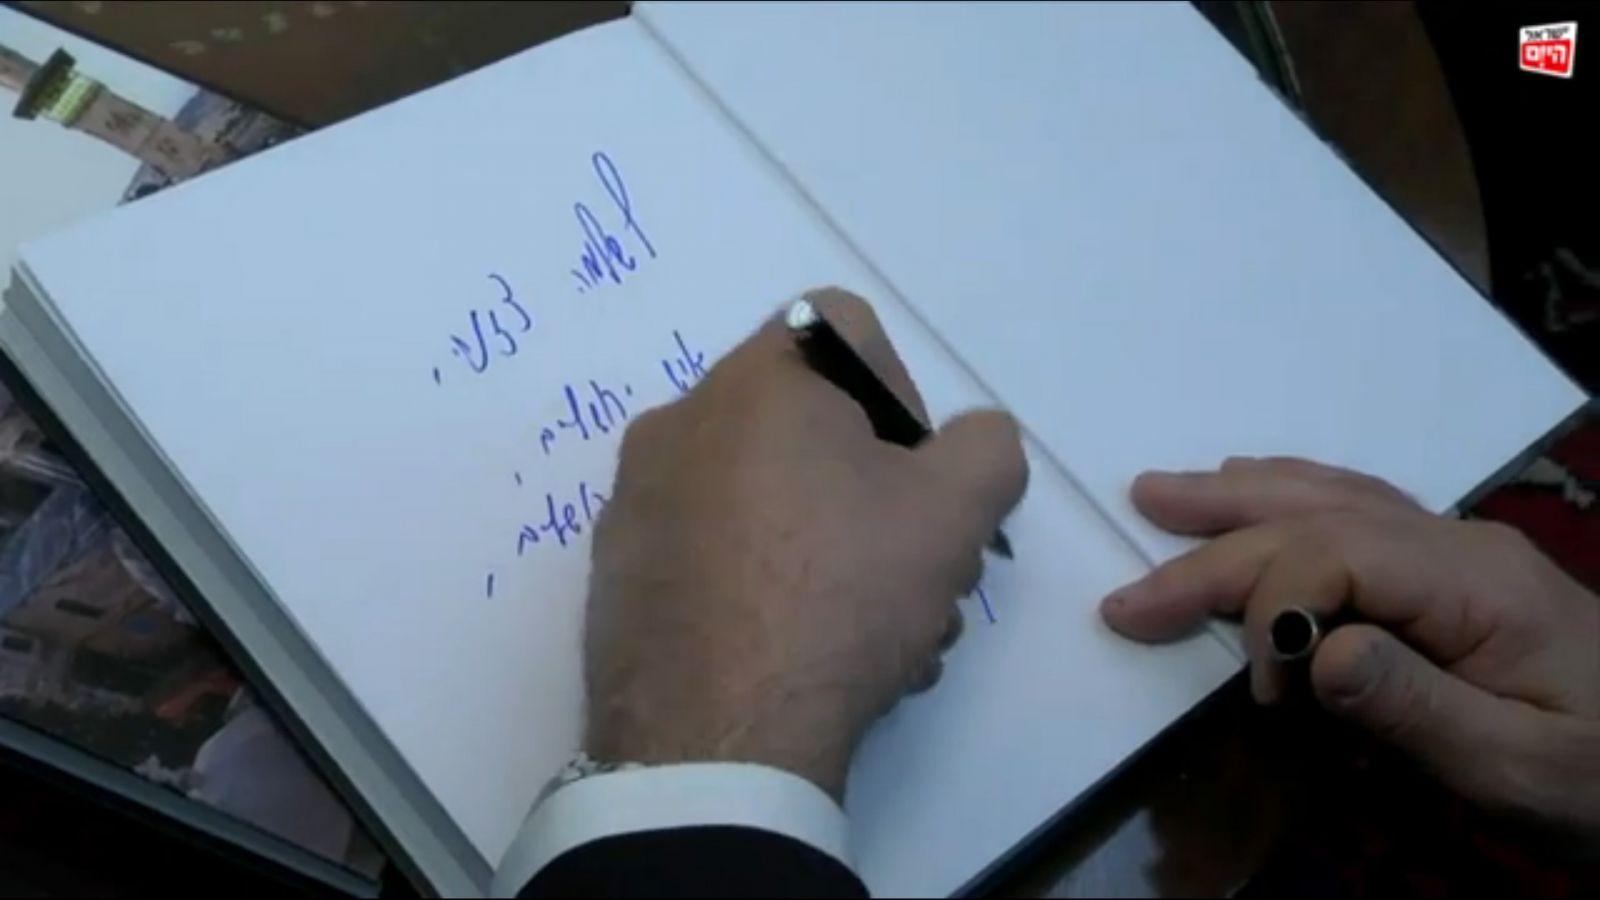 """ראש הממשלה בנימין נתניהו חותם על מדריך התיירות שכתב והעניק לו הכתב המדיני של """"ישראל היום"""", שלמה צזנה. מאי 2013 (צילום מסך, """"ישראל היום"""")"""